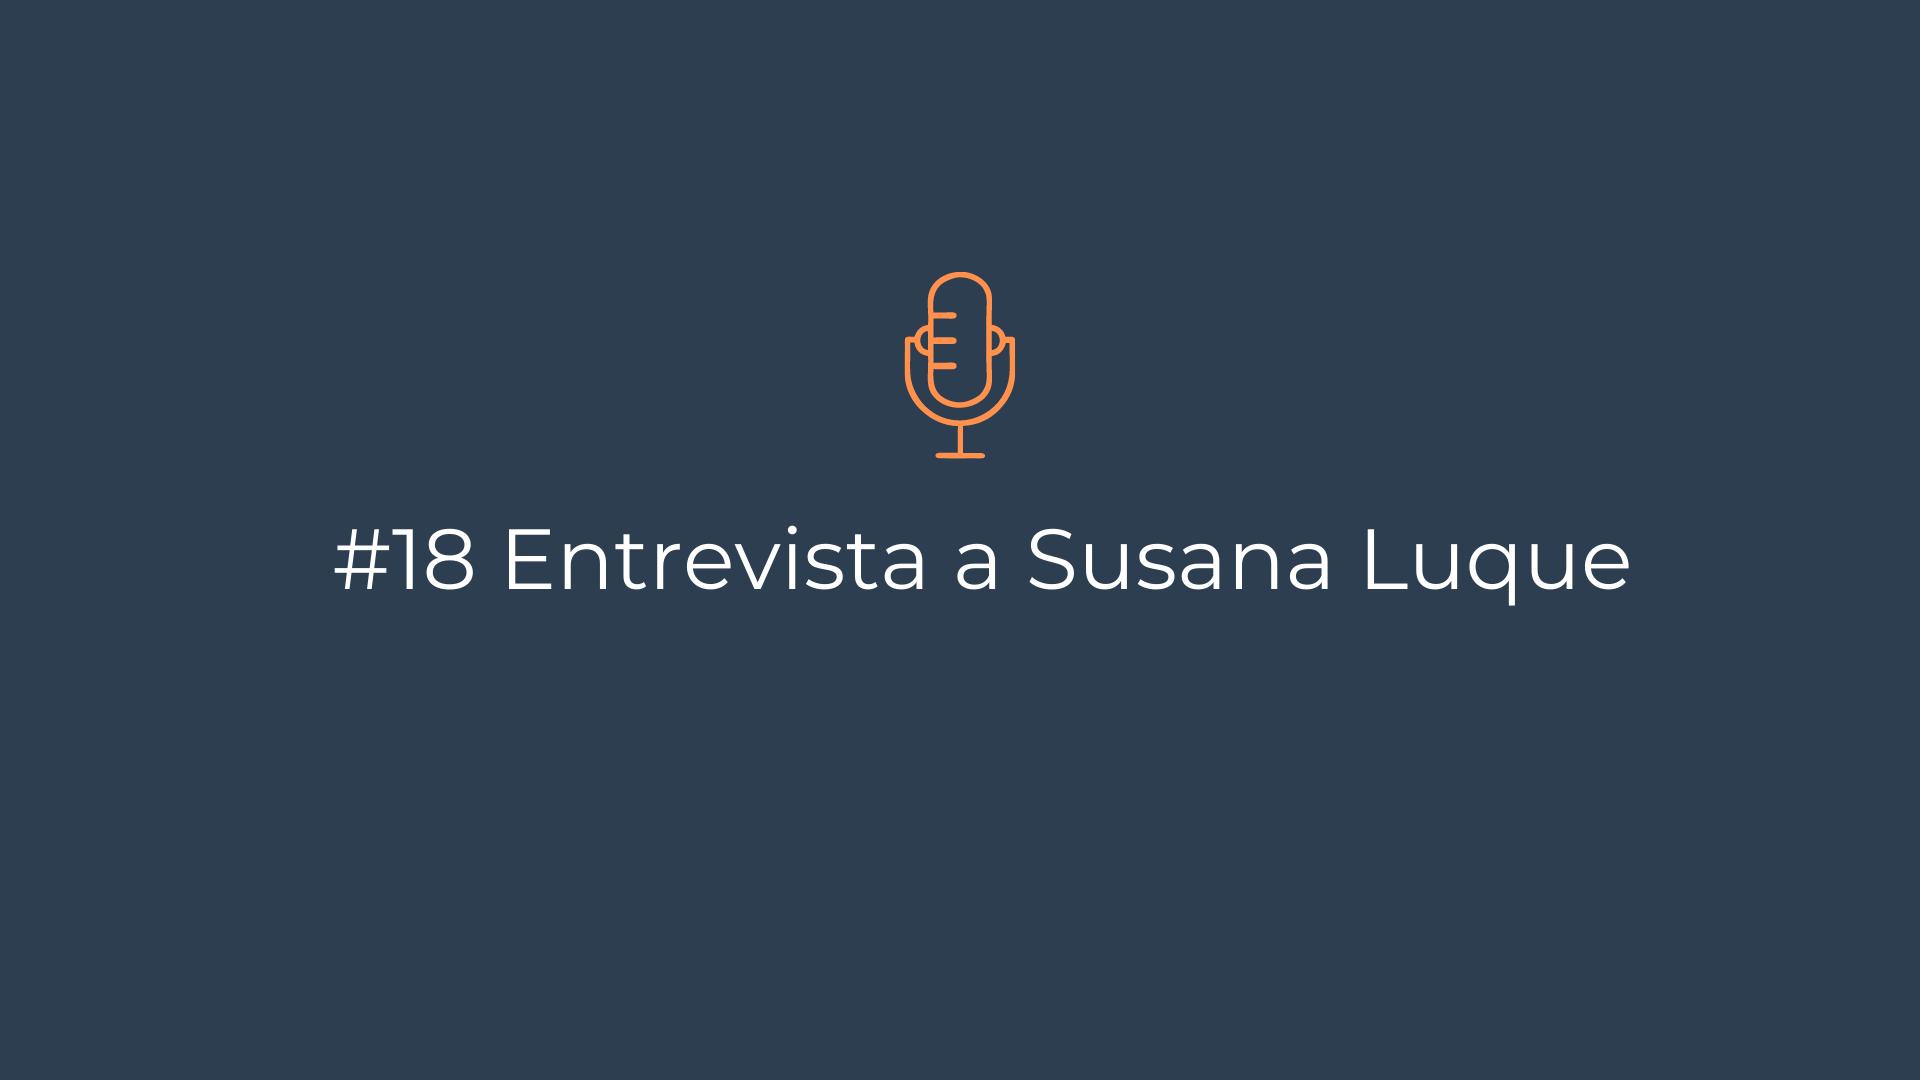 Episodio 18 – Entrevista a Susana Luque